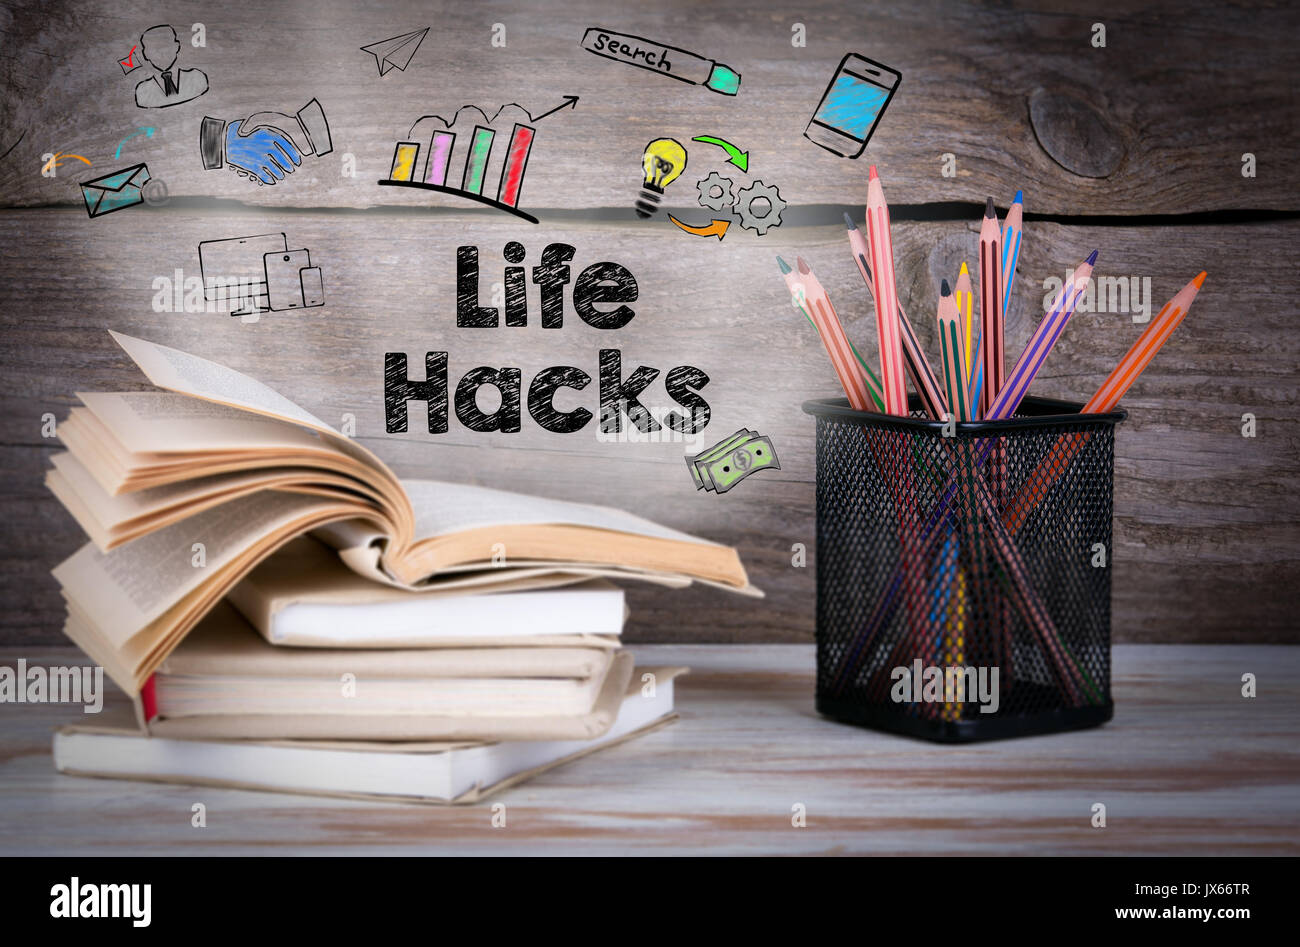 Life Hacks. Pile de livres et crayons sur la table en bois. Photo Stock